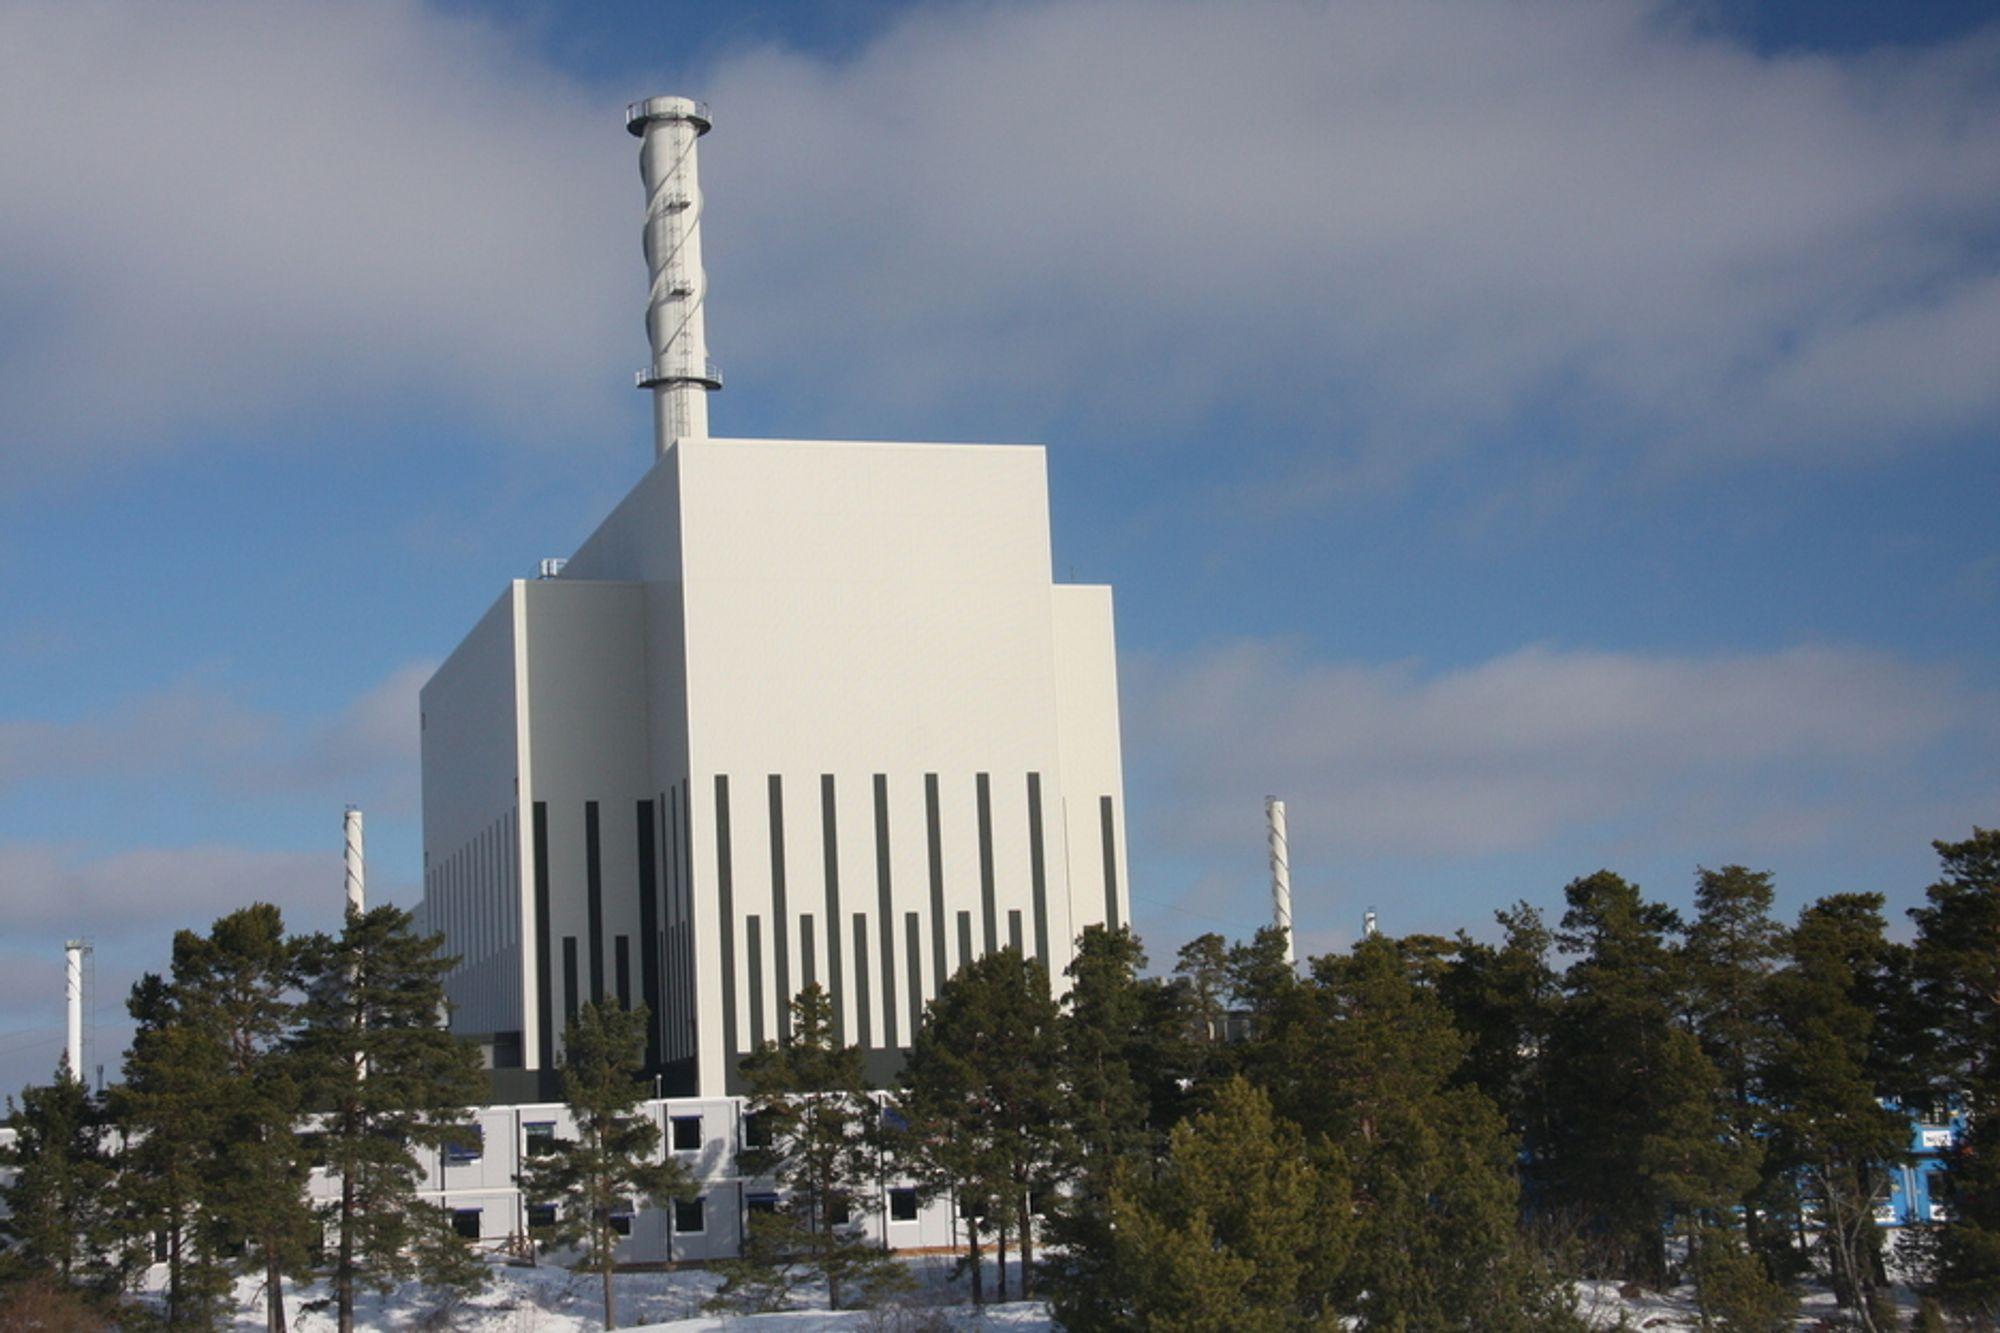 ANSTRENGT: Norge vil også i vinter  bli avhengig av svensk kjernekraft. I dag er 2,5 svenske reaktorer ute av drift.